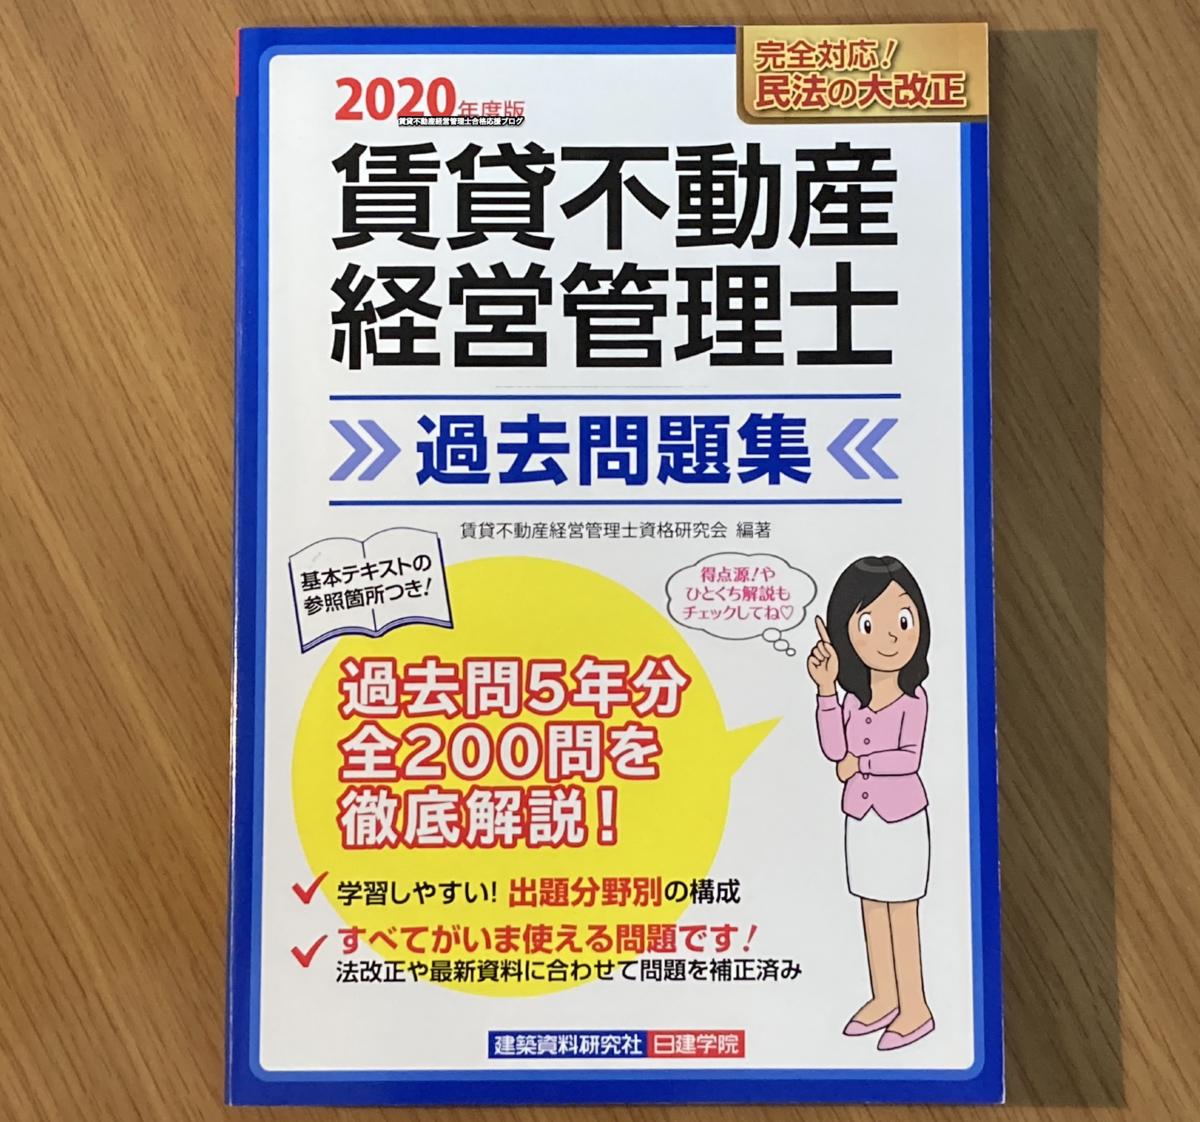 2020年度版賃貸不動産経営管理士過去問題集表紙画像